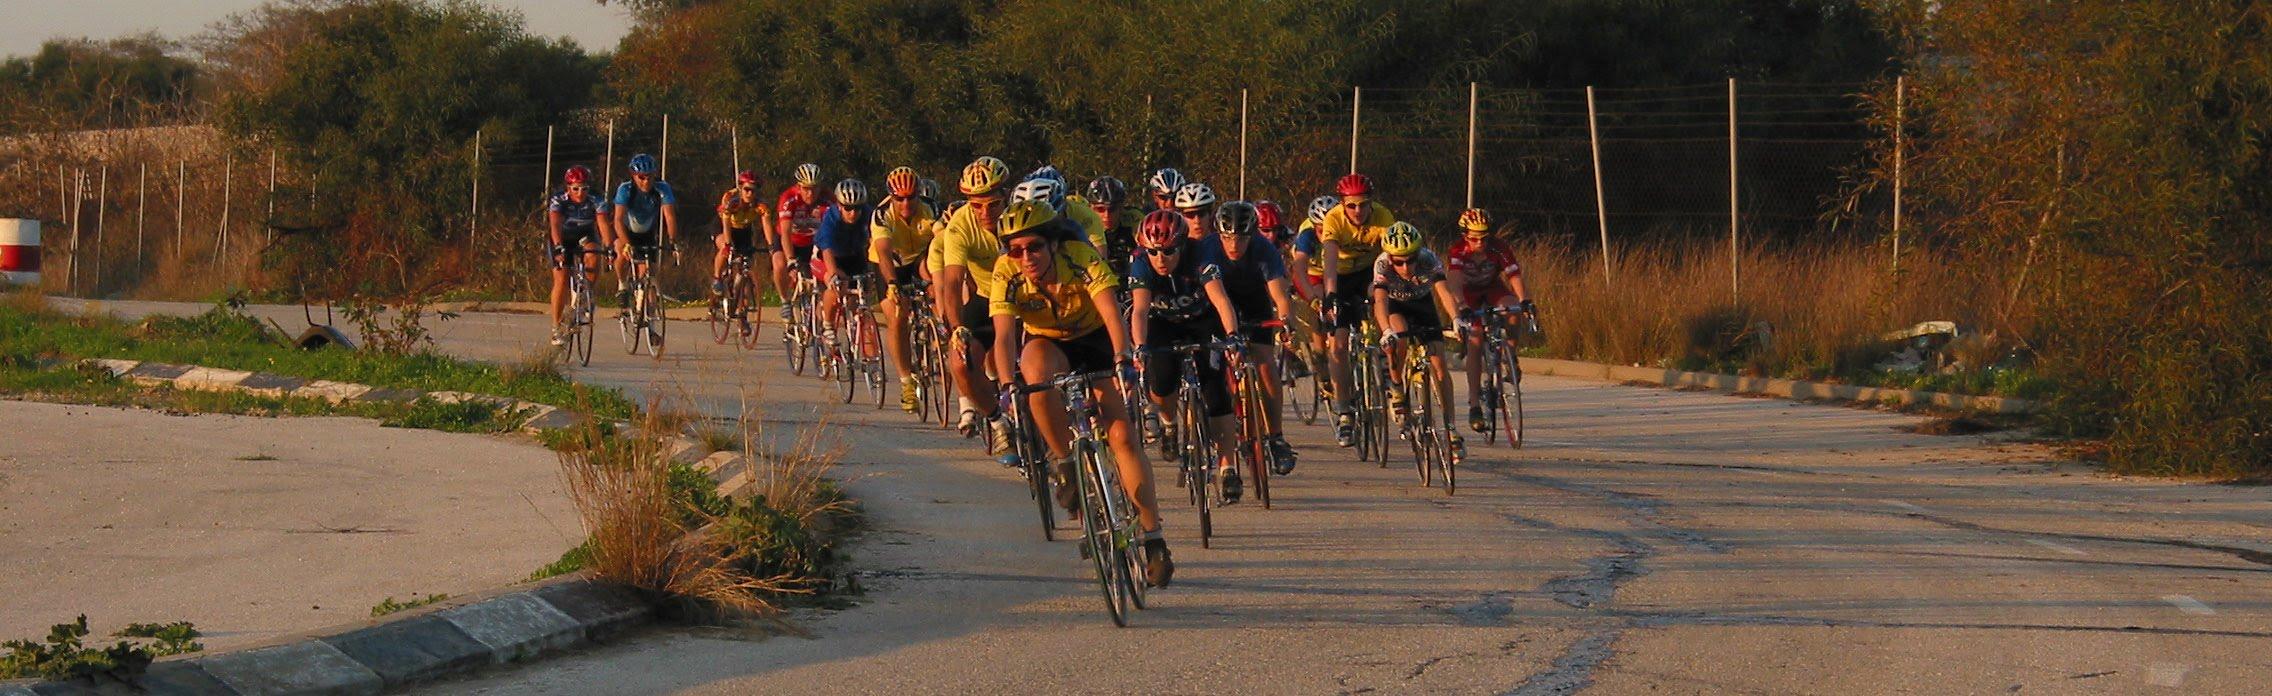 Yael Perez Biking competition